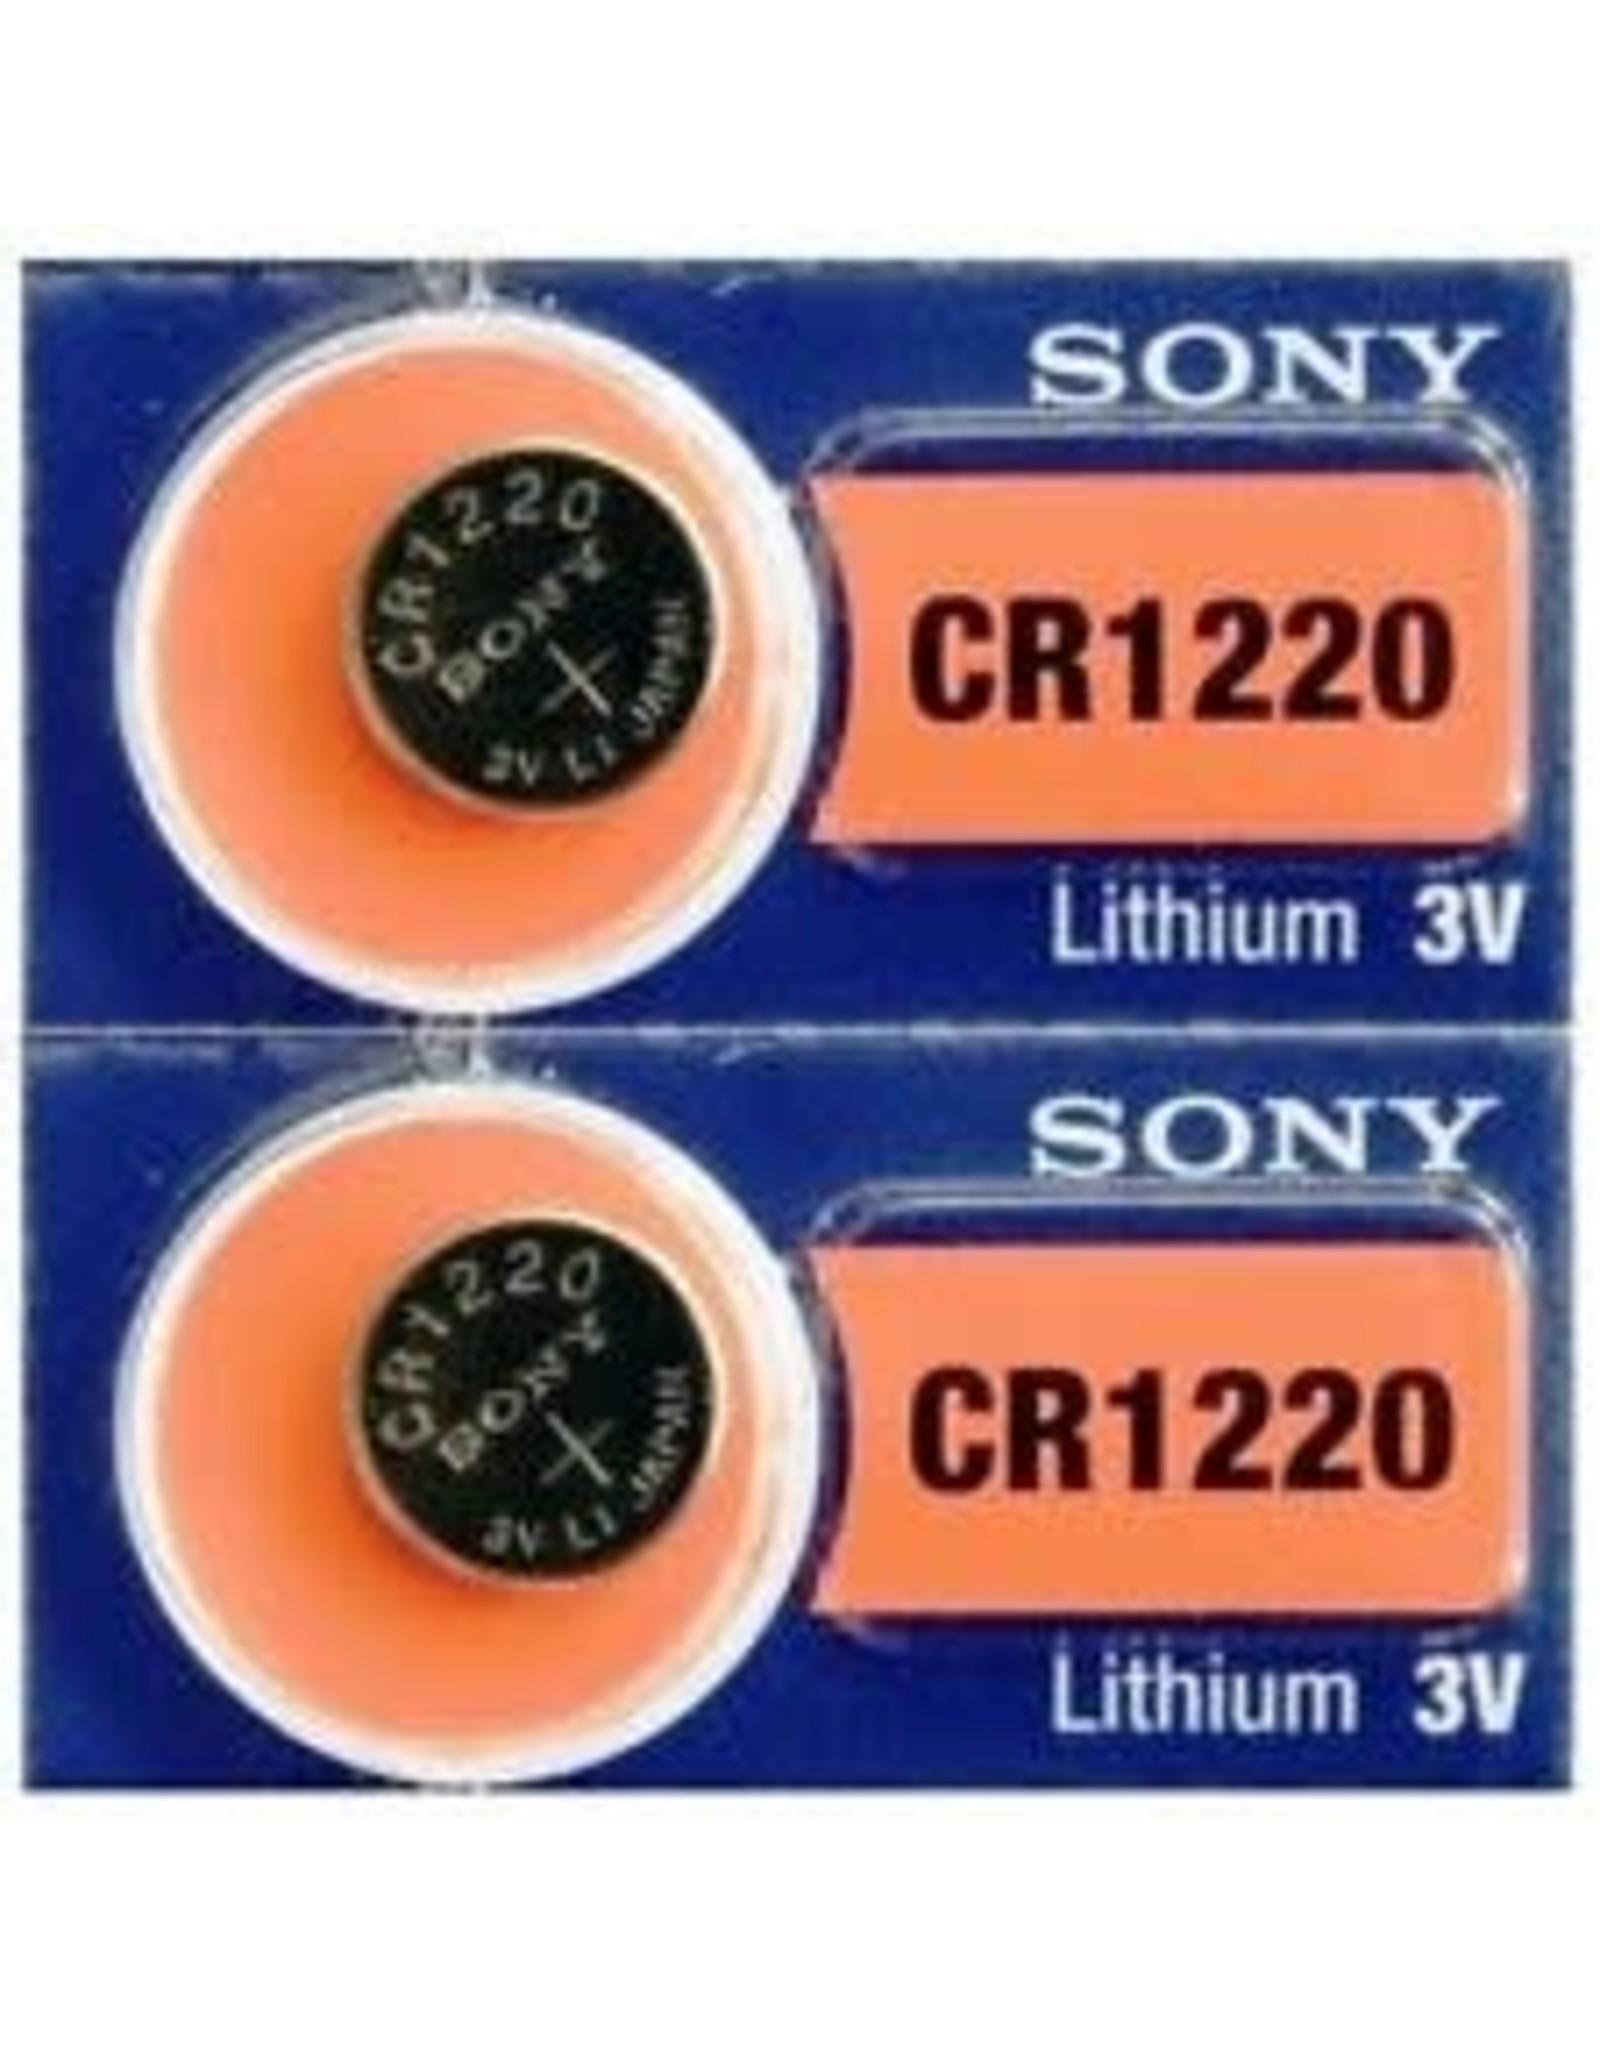 Battery CR1220 Sony Lithium 3V